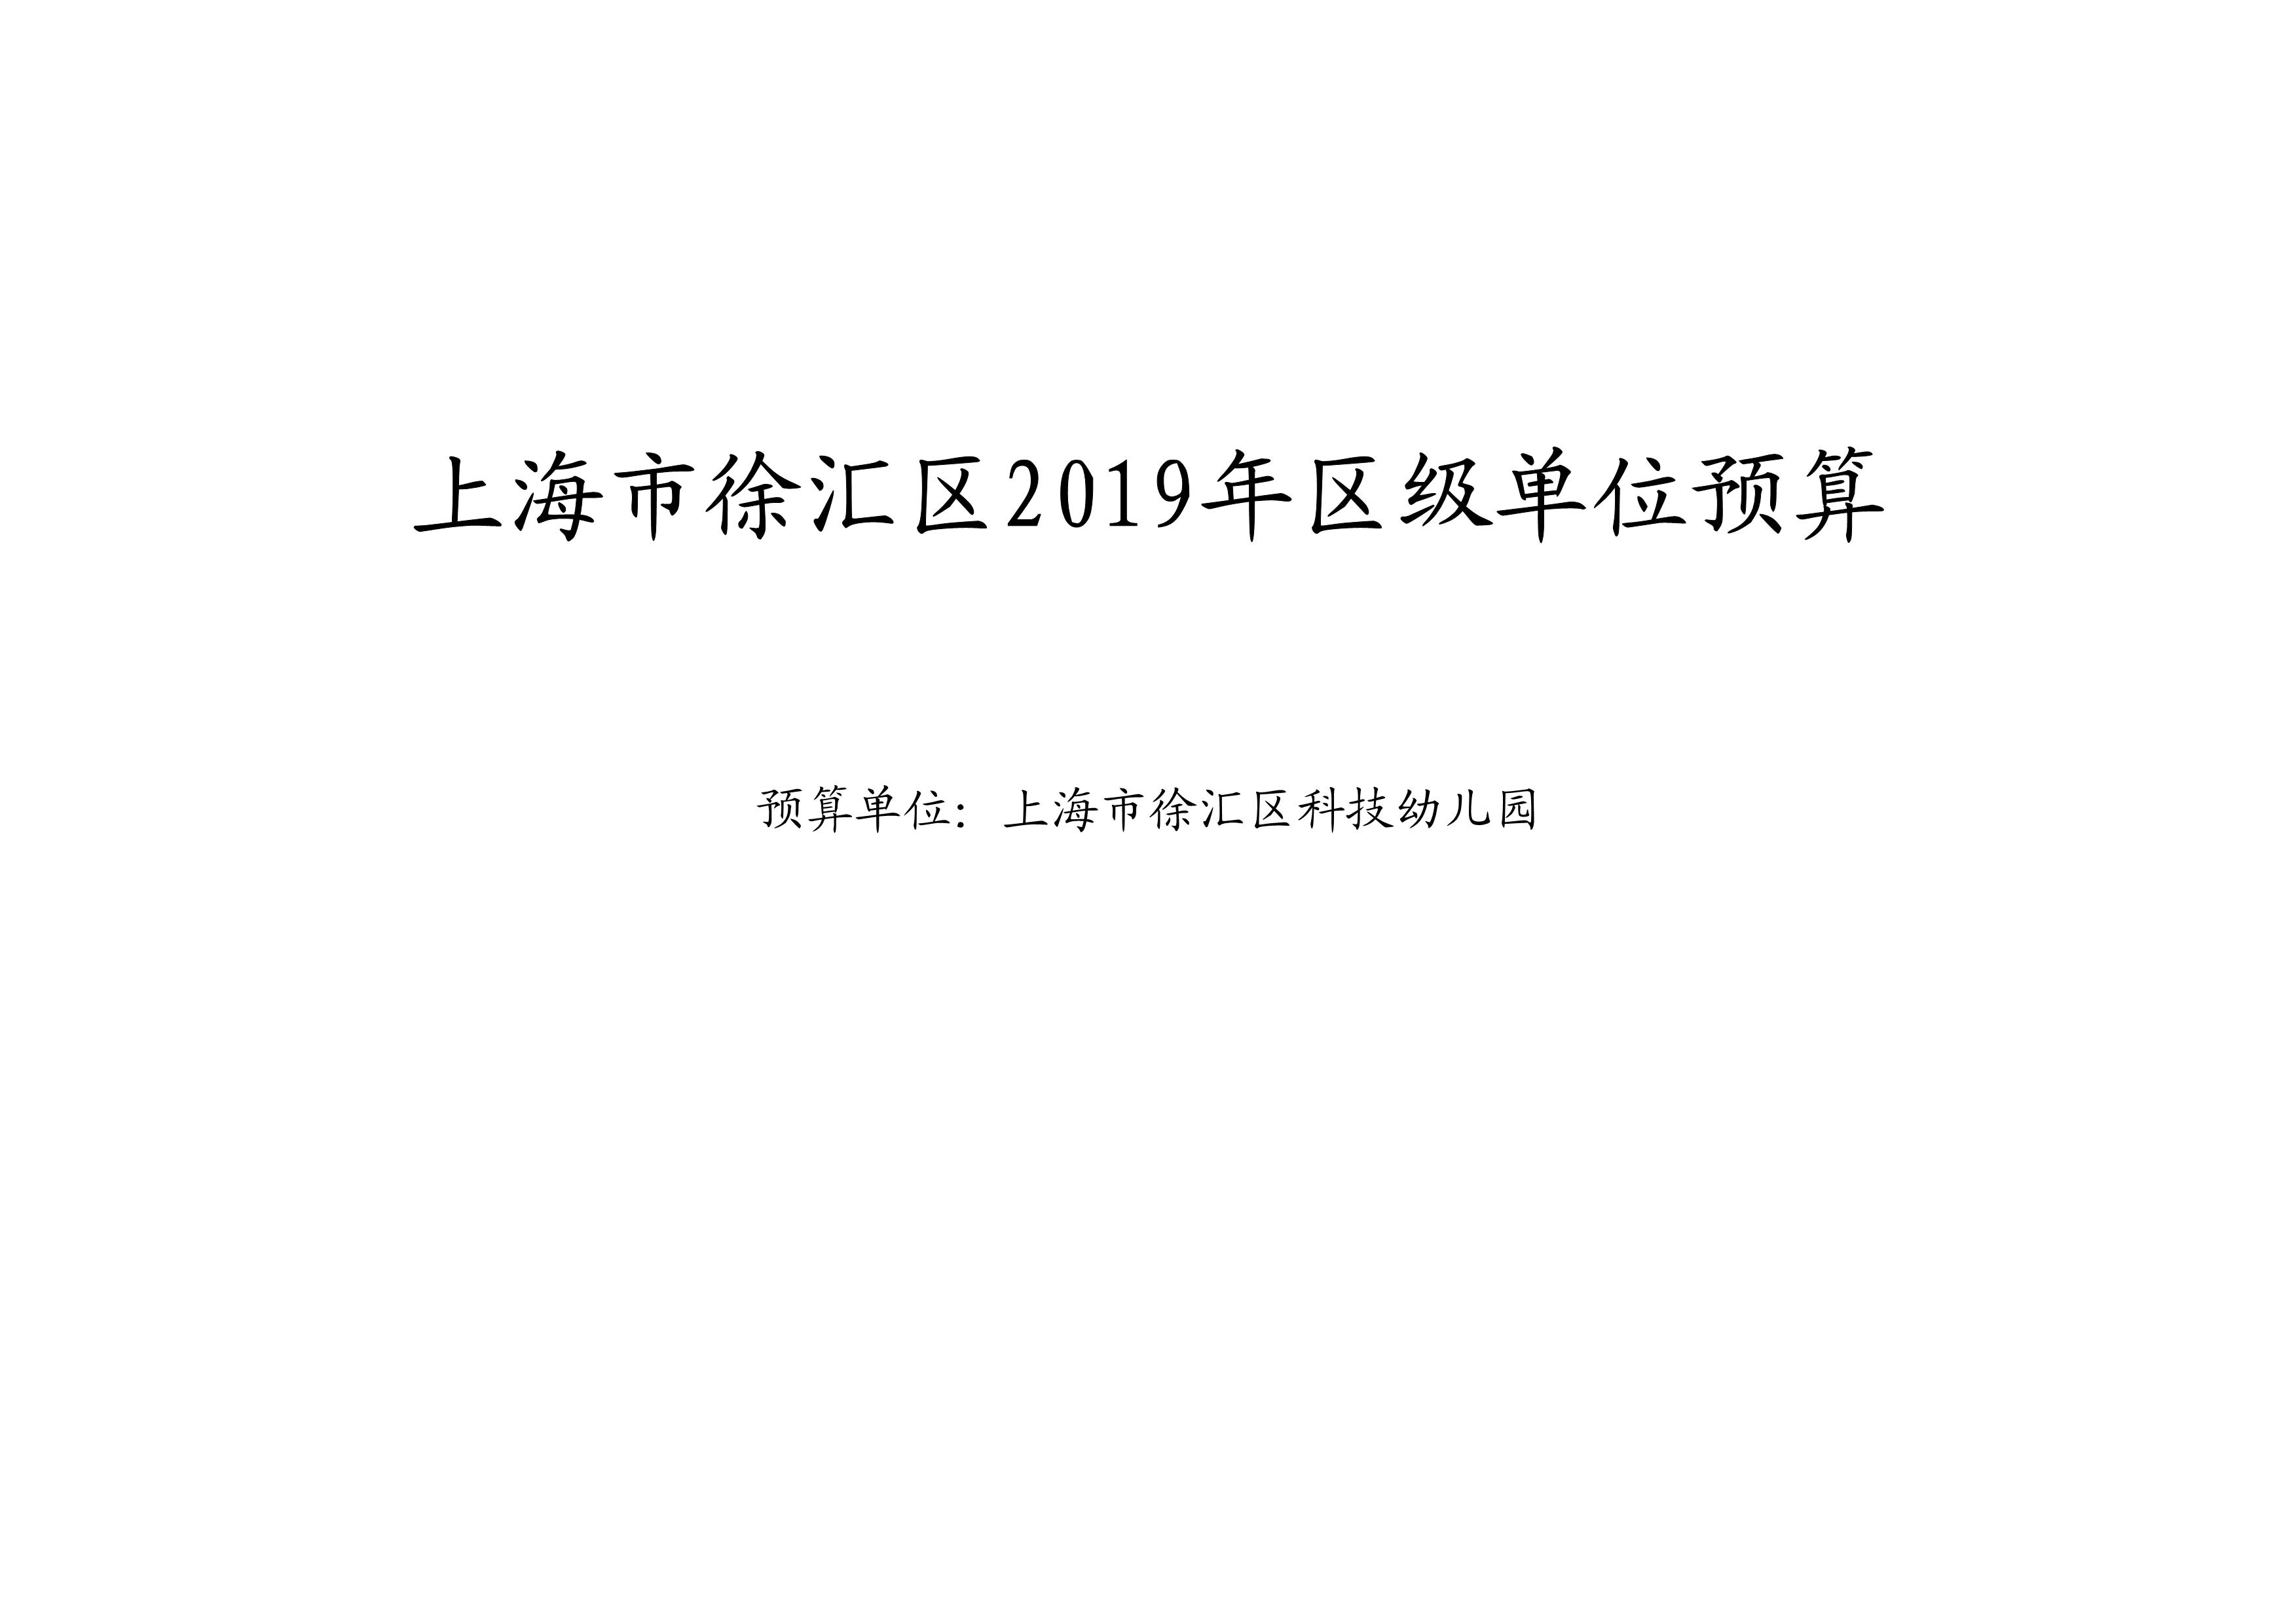 2019 (1).jpg